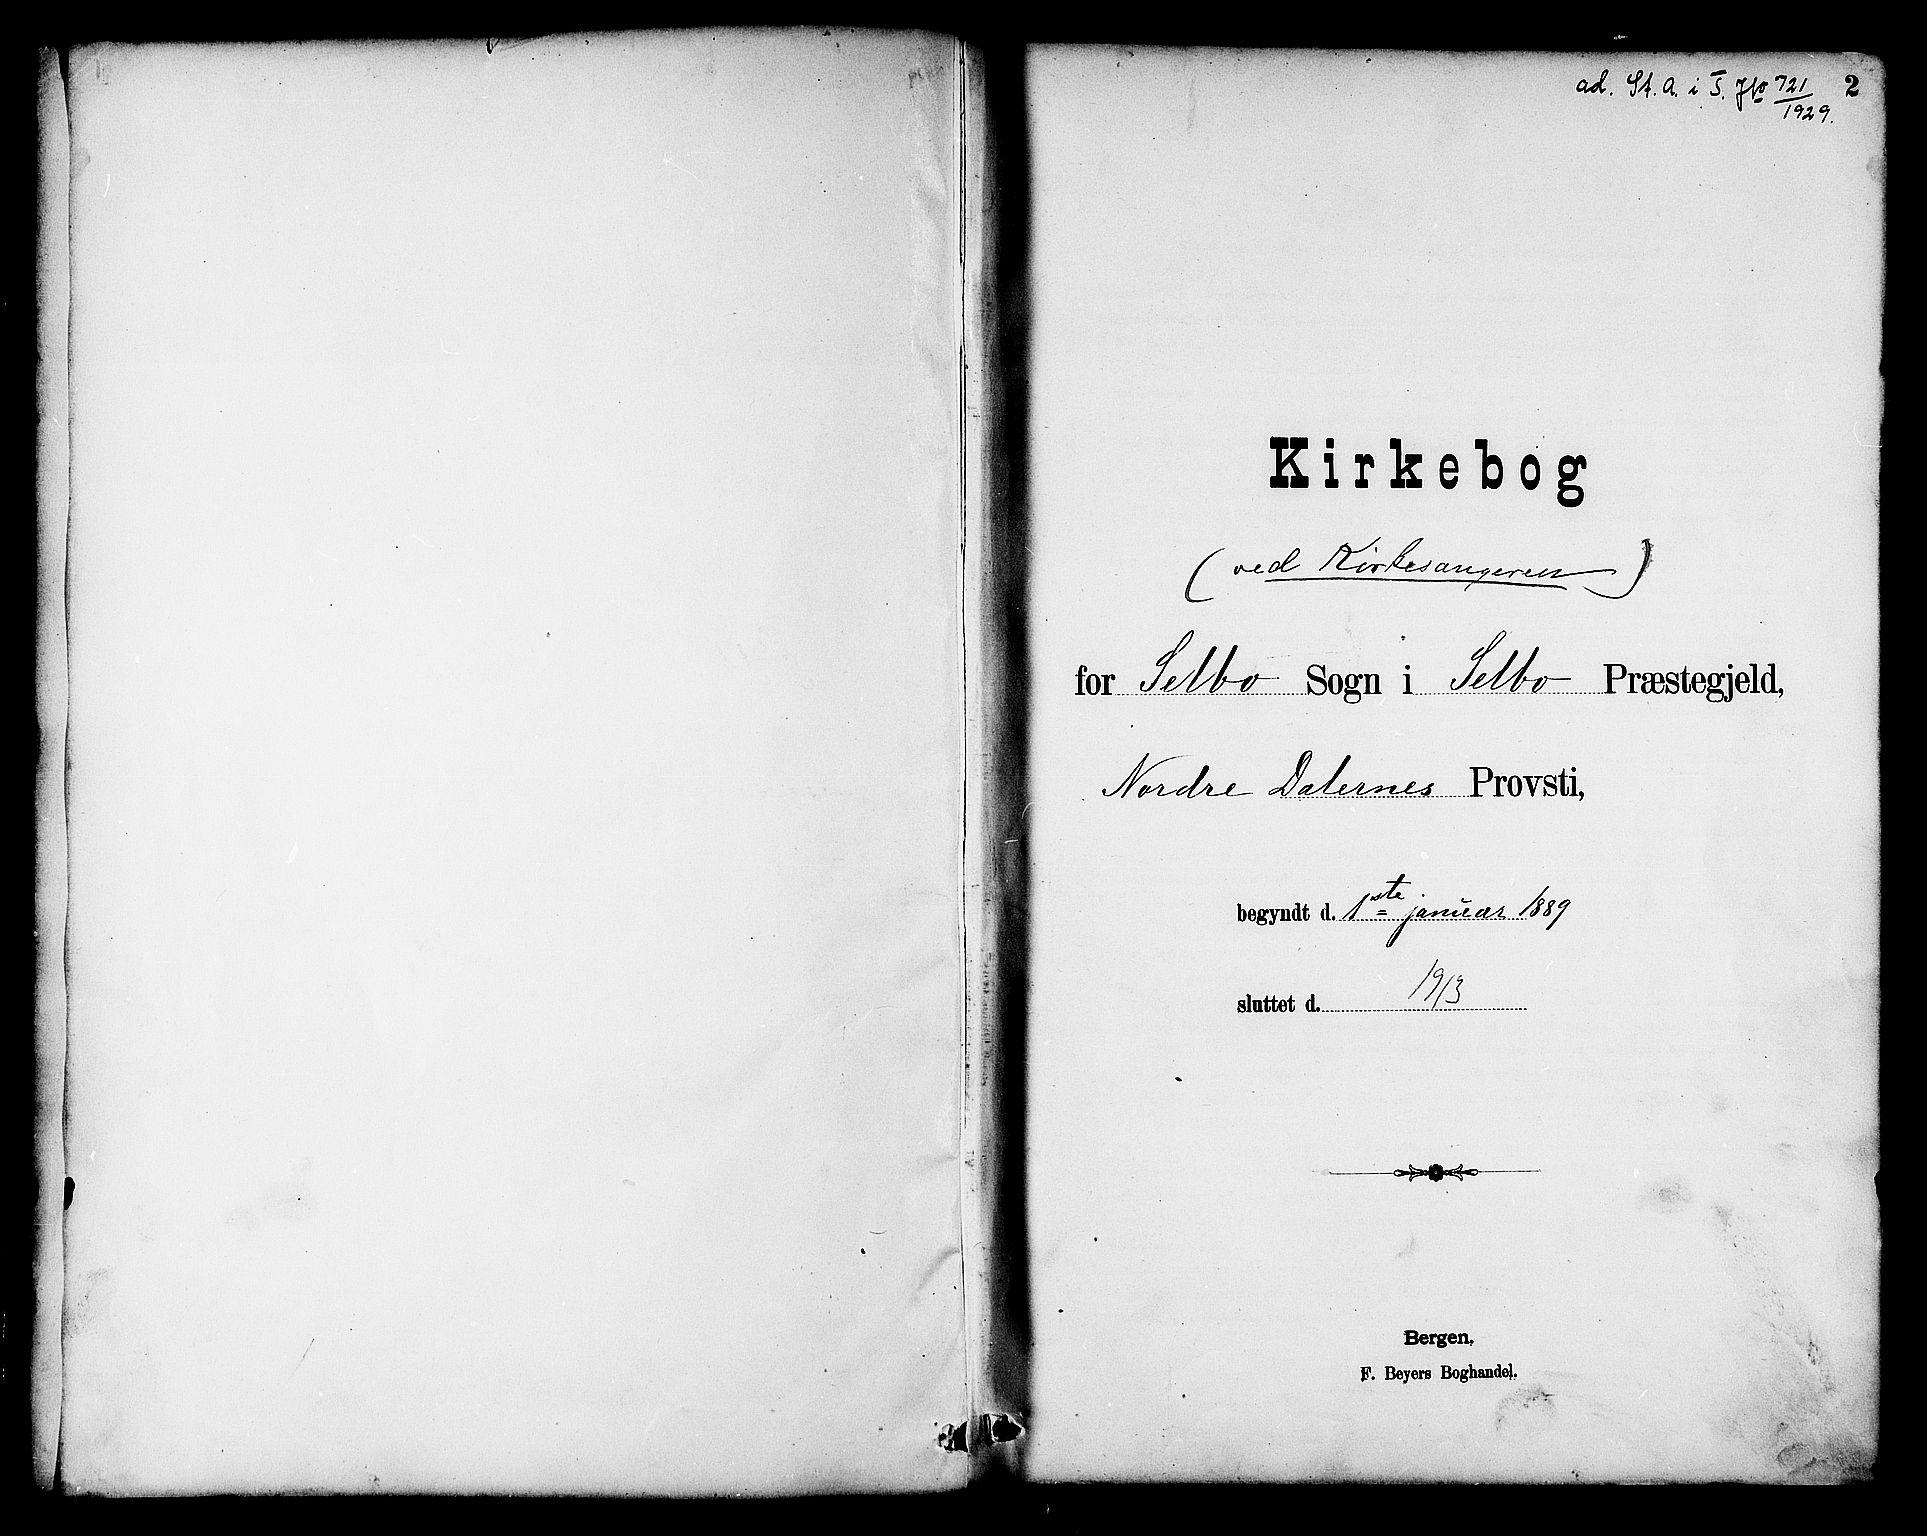 SAT, Ministerialprotokoller, klokkerbøker og fødselsregistre - Sør-Trøndelag, 695/L1157: Klokkerbok nr. 695C08, 1889-1913, s. 2